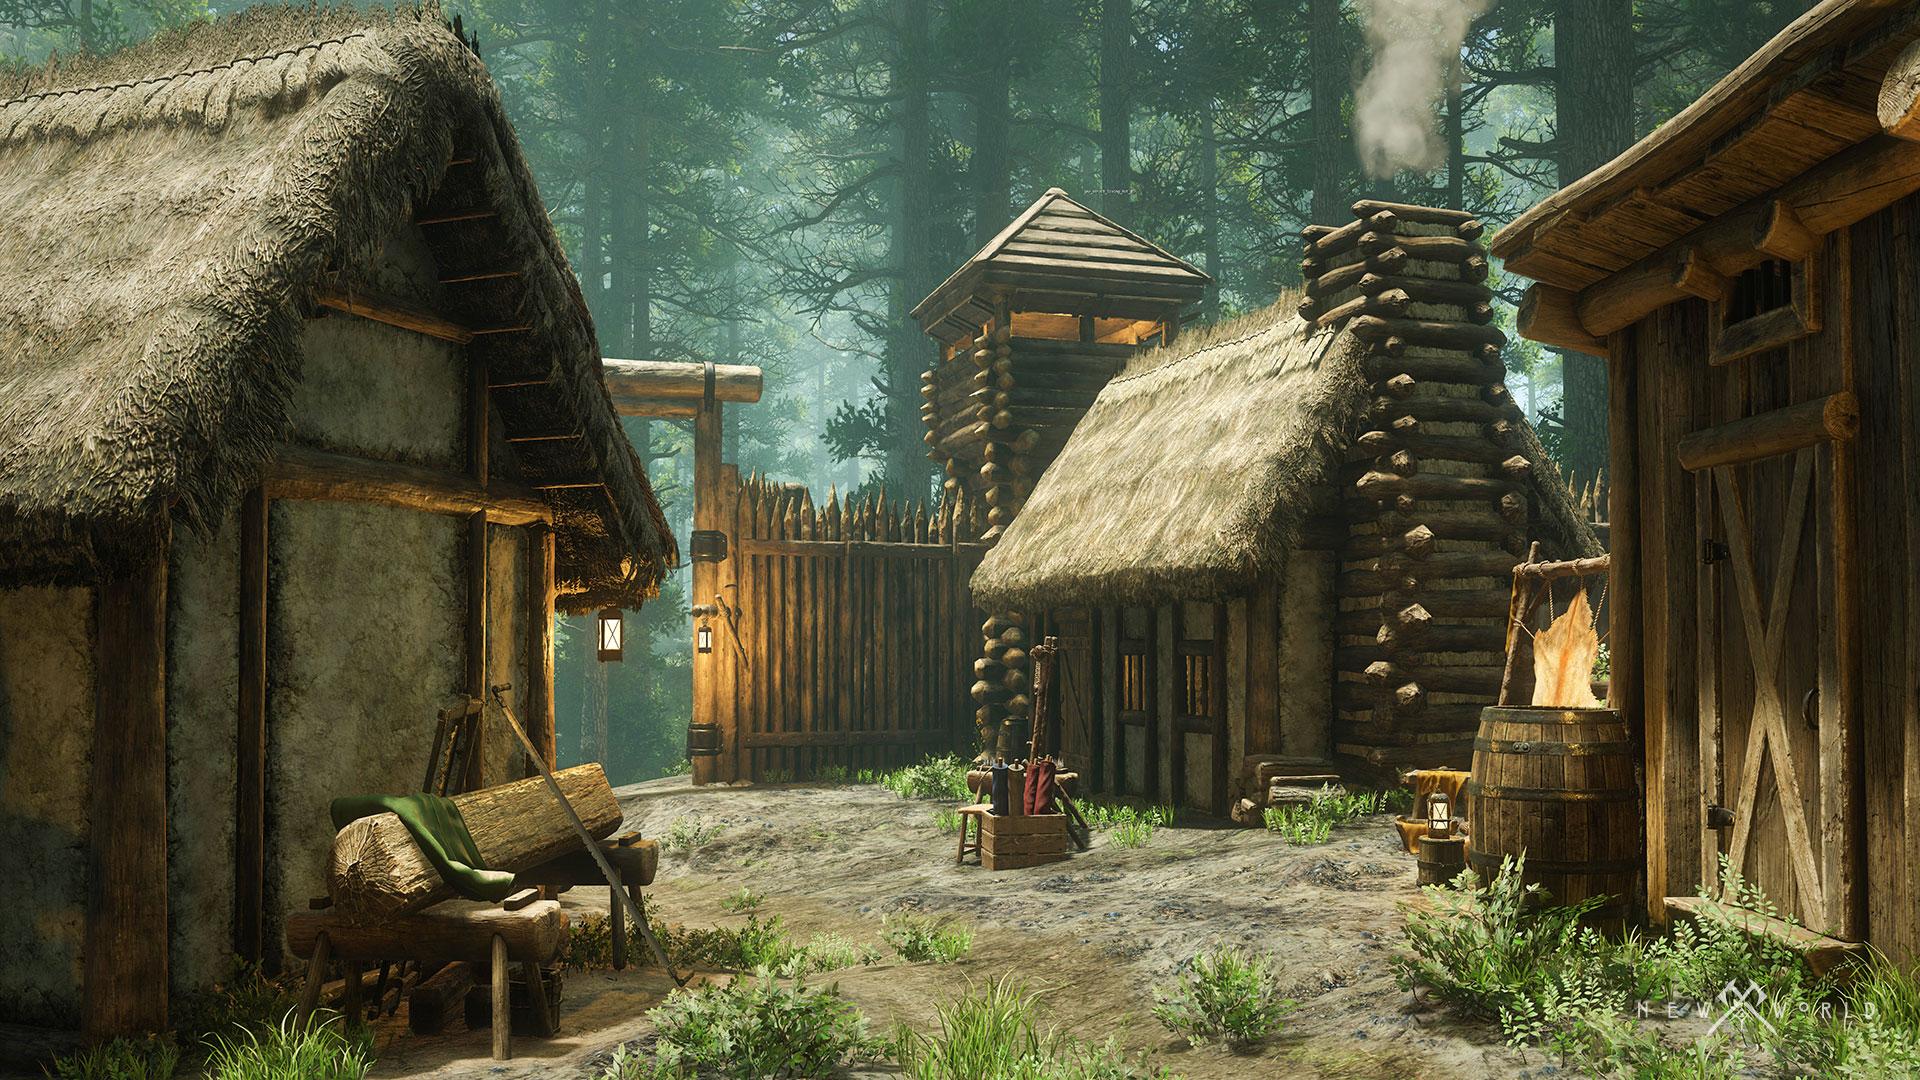 В сеть утекло 9 минут геймплея New World — крупной MMORPG с выживанием, крафтом, охотой и строительством